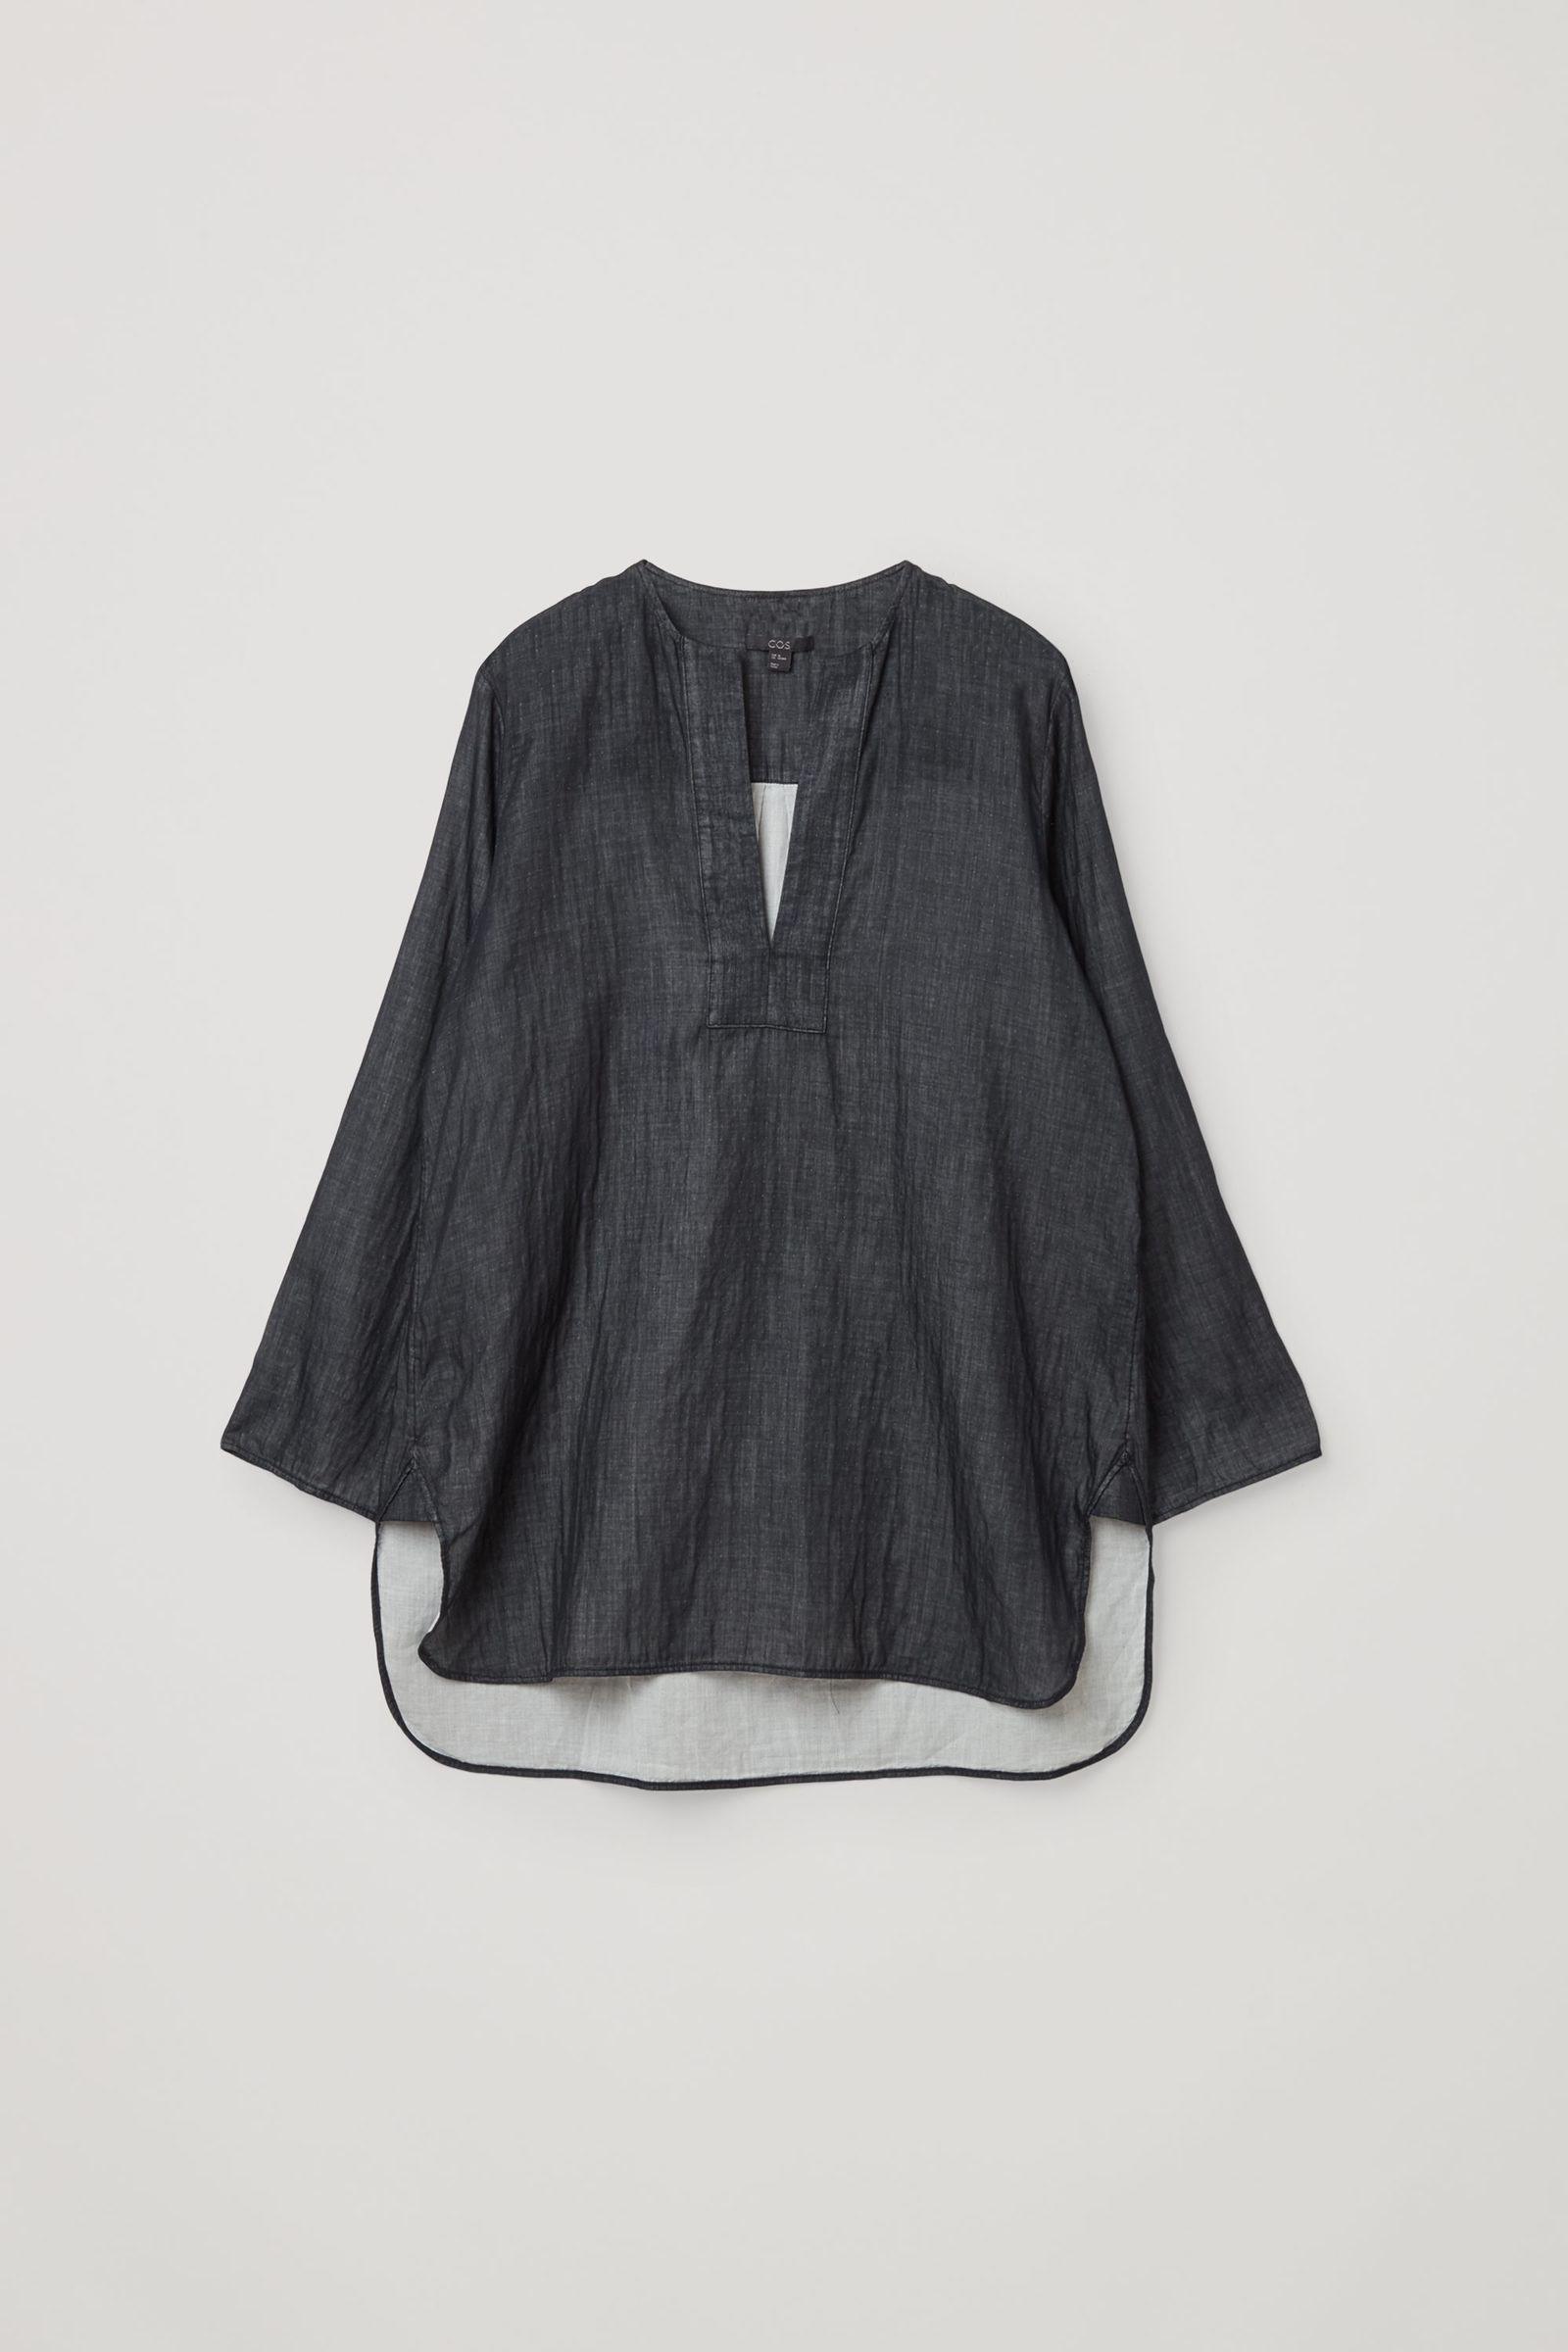 COS 오가닉 코튼 샴브레이 튜닉 스타일 셔츠의 그레이컬러 Product입니다.